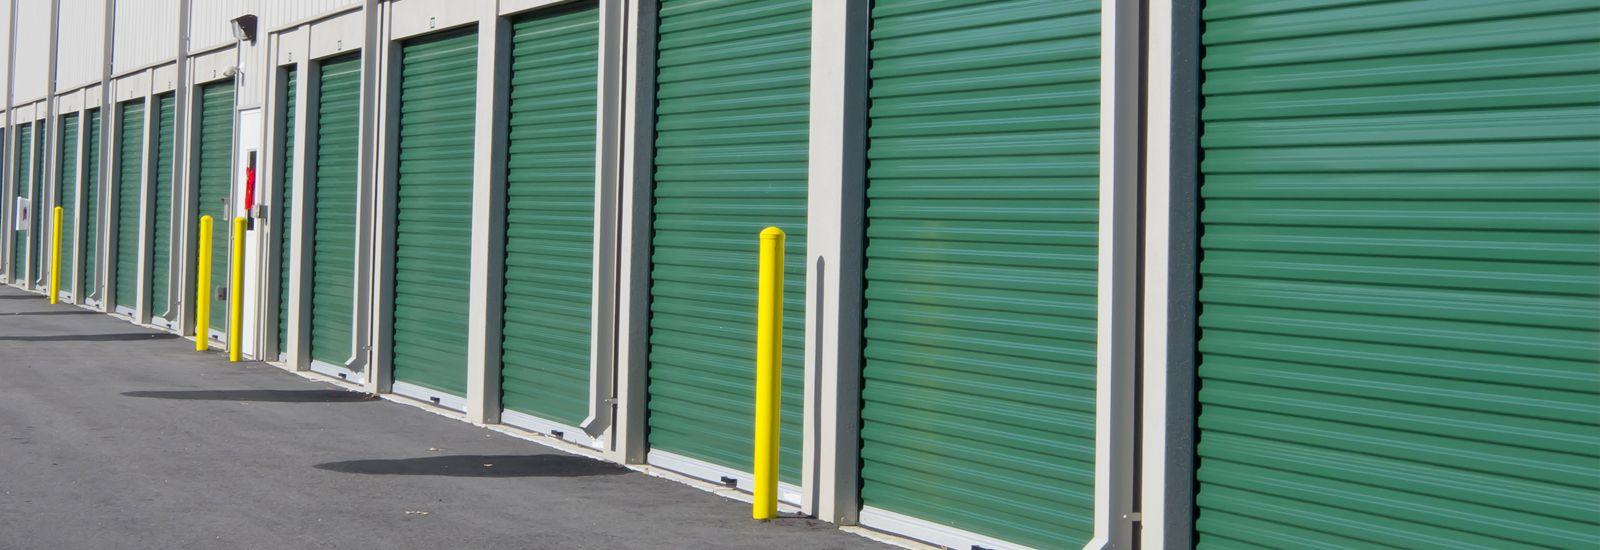 Green Commercial Roller Doors in Perth